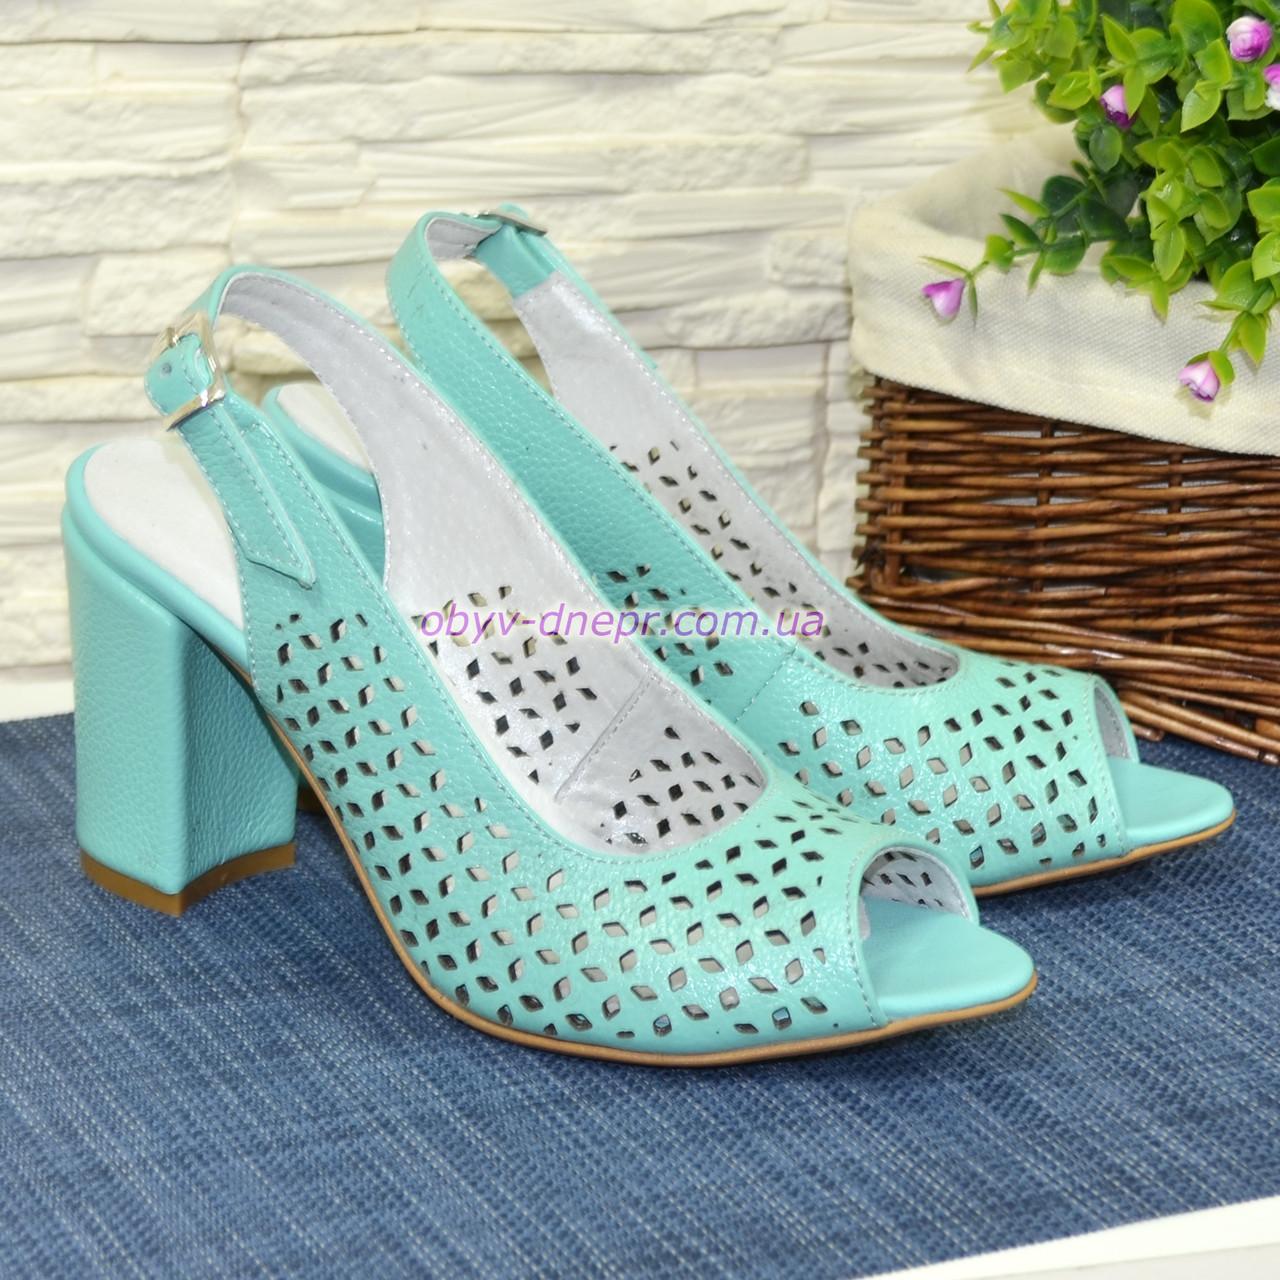 fbf5a5cf322e Купить Босоножки женские кожаные на высоком устойчивом каблуке, цвет мята в  ...